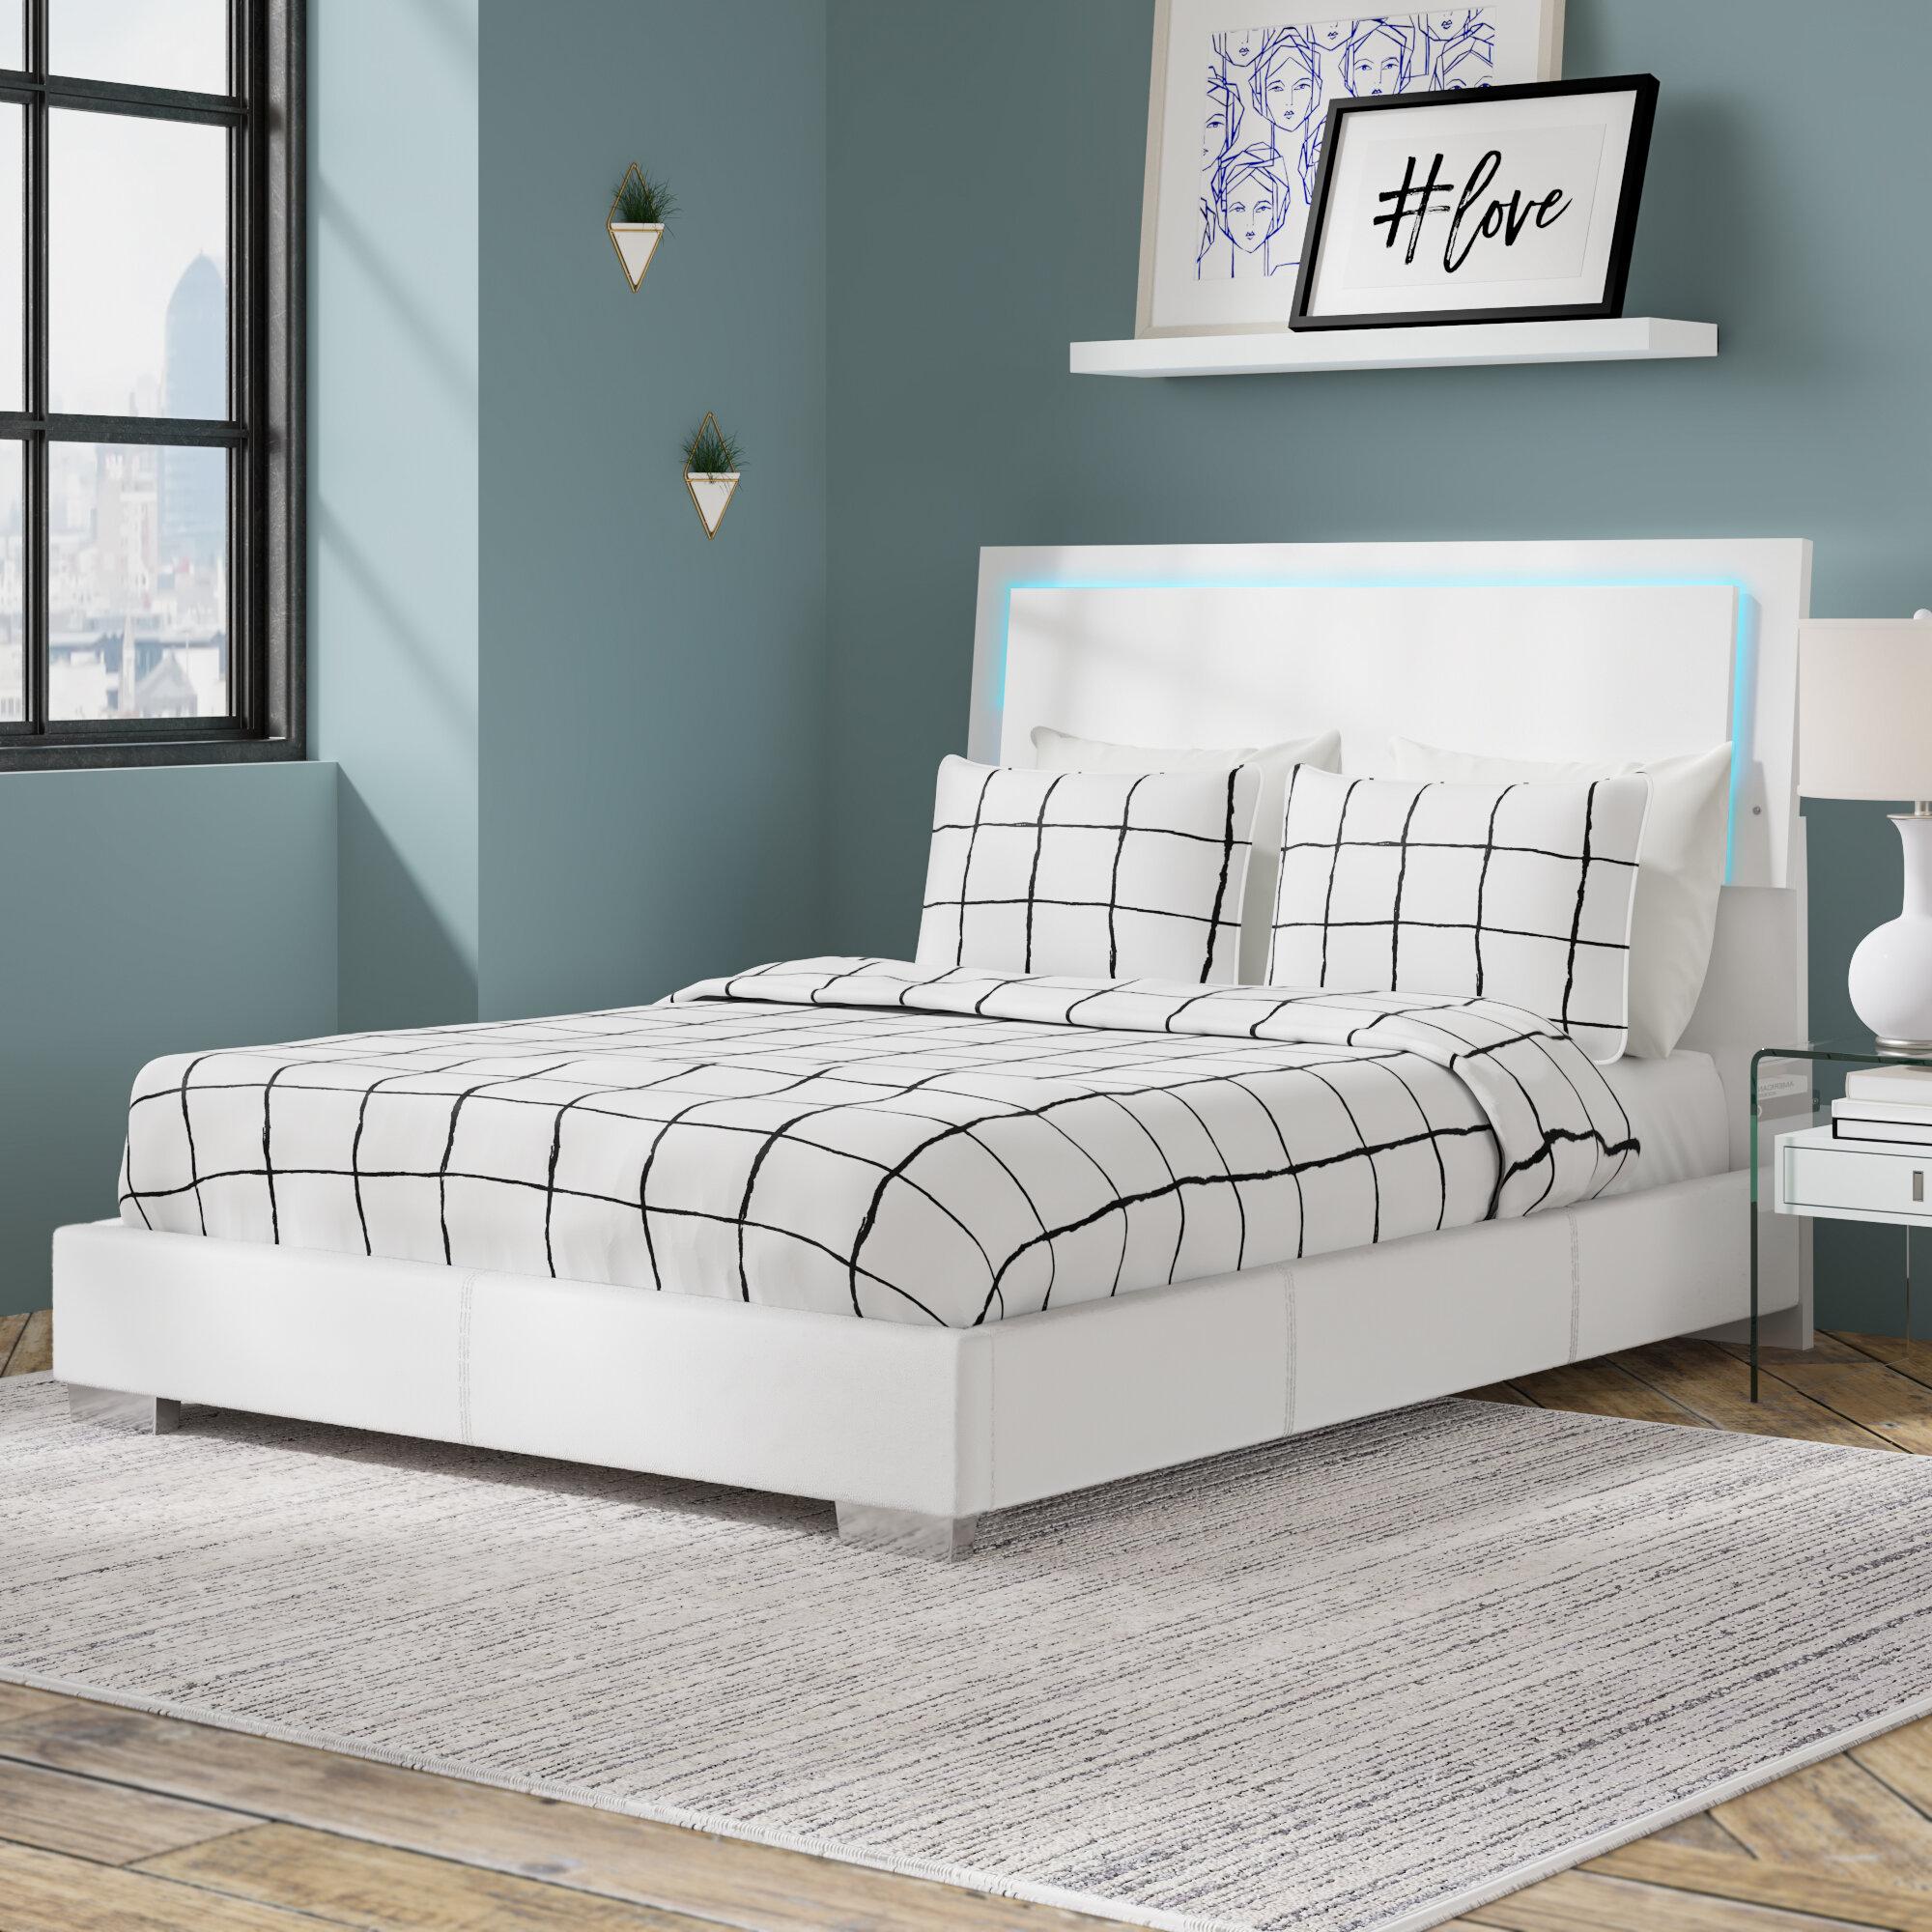 Beds Bed Frames Full Size Platform Leather Bed Wooden Headboard Frame W Led Lights White Modern Home Garden